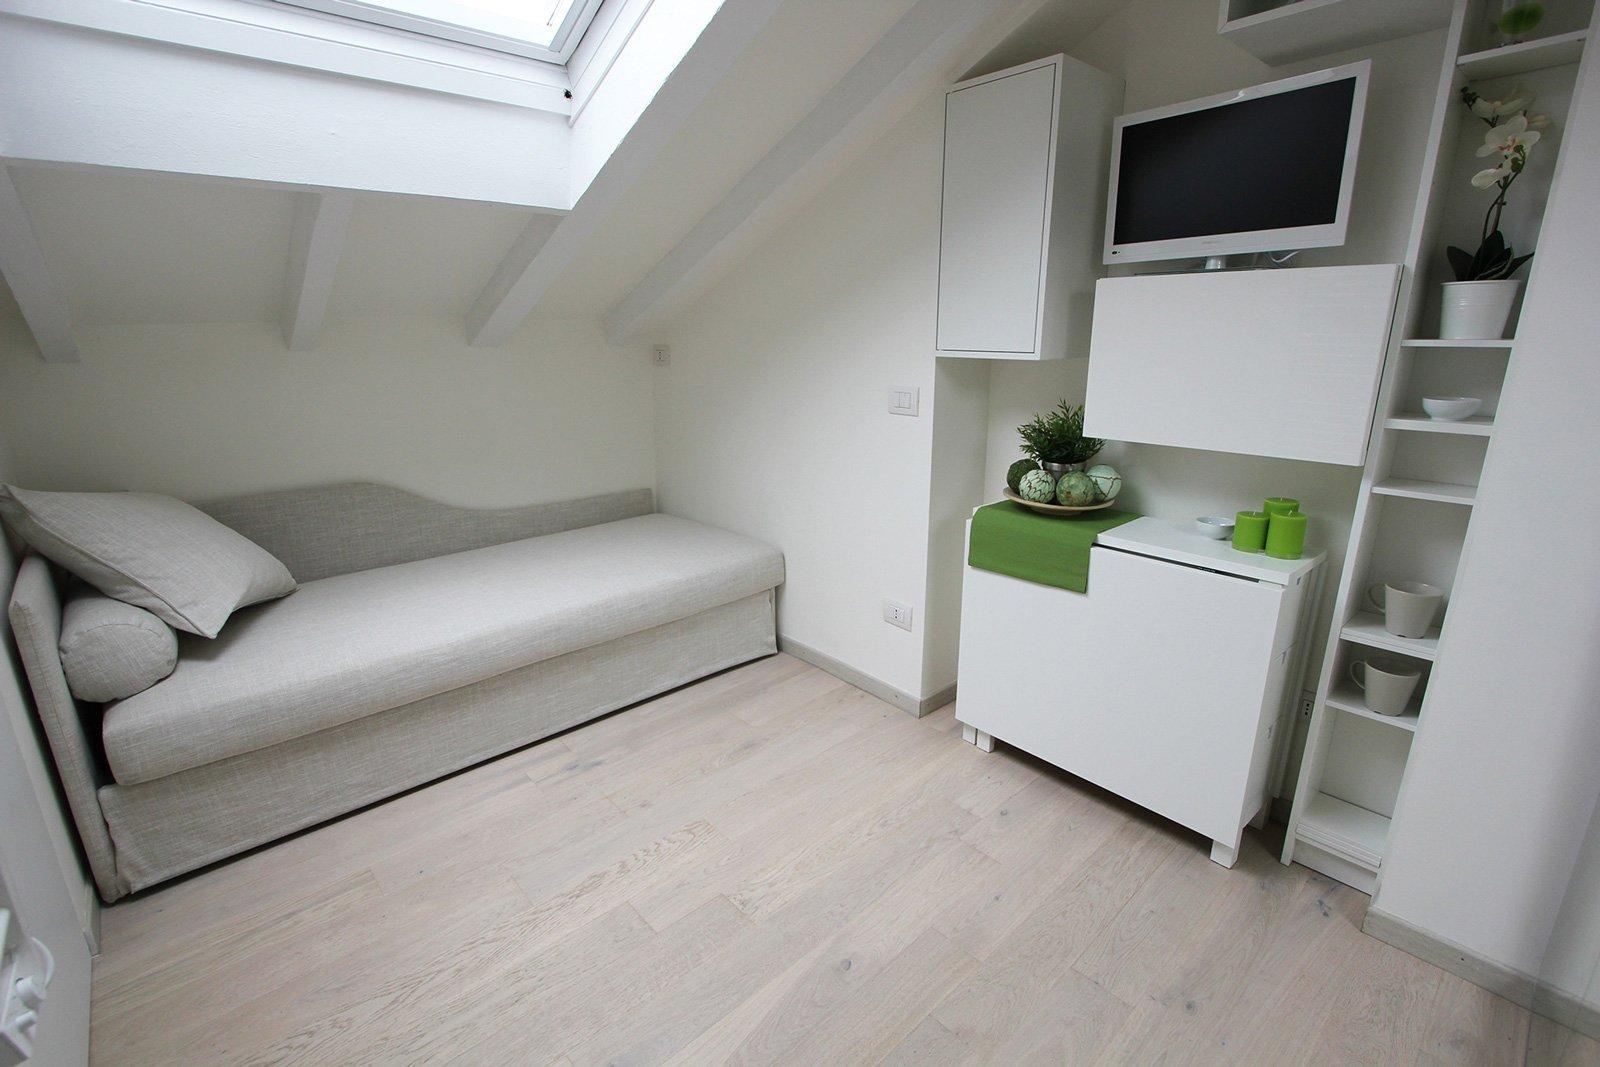 Per la mini mansarda: tanto bianco, superfici a specchio, mobili ...